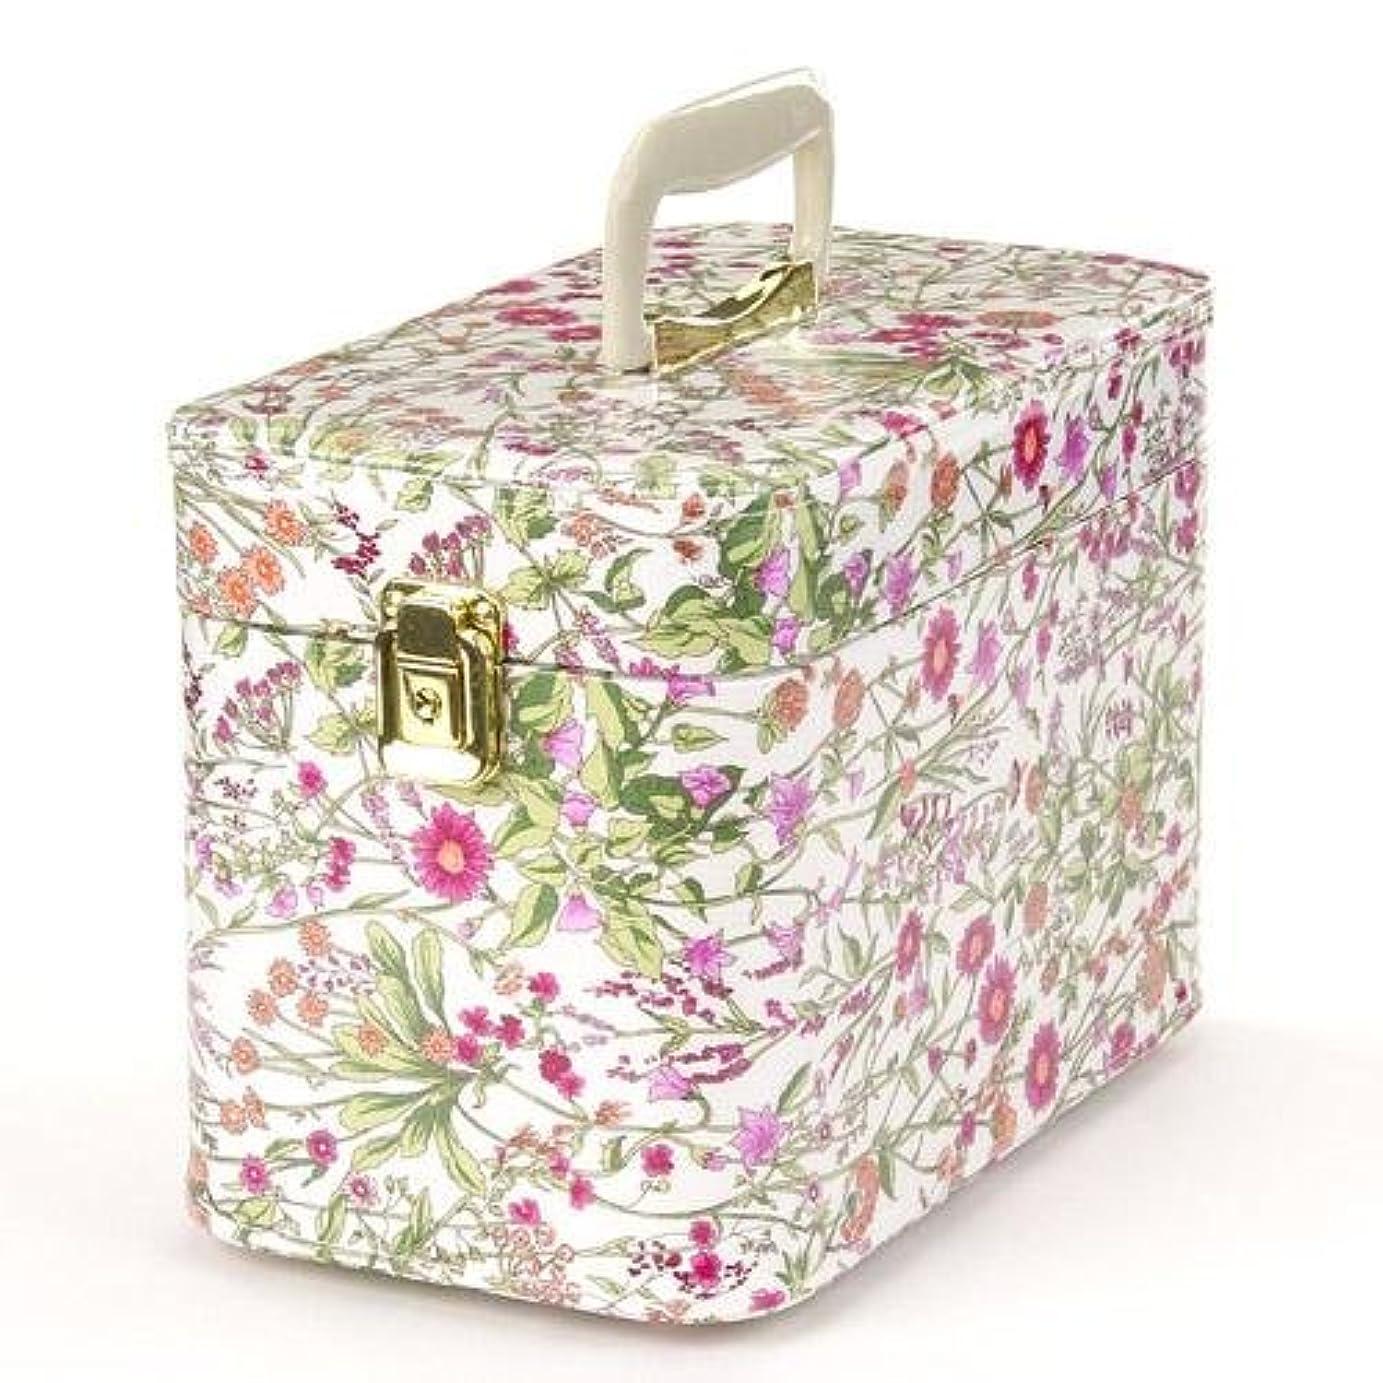 促すクスコ週間日本製 メイクボックス (コスメボックス)ハーブガーデン 30cm ピンク トレンケース(鍵付き/コスメボックス)